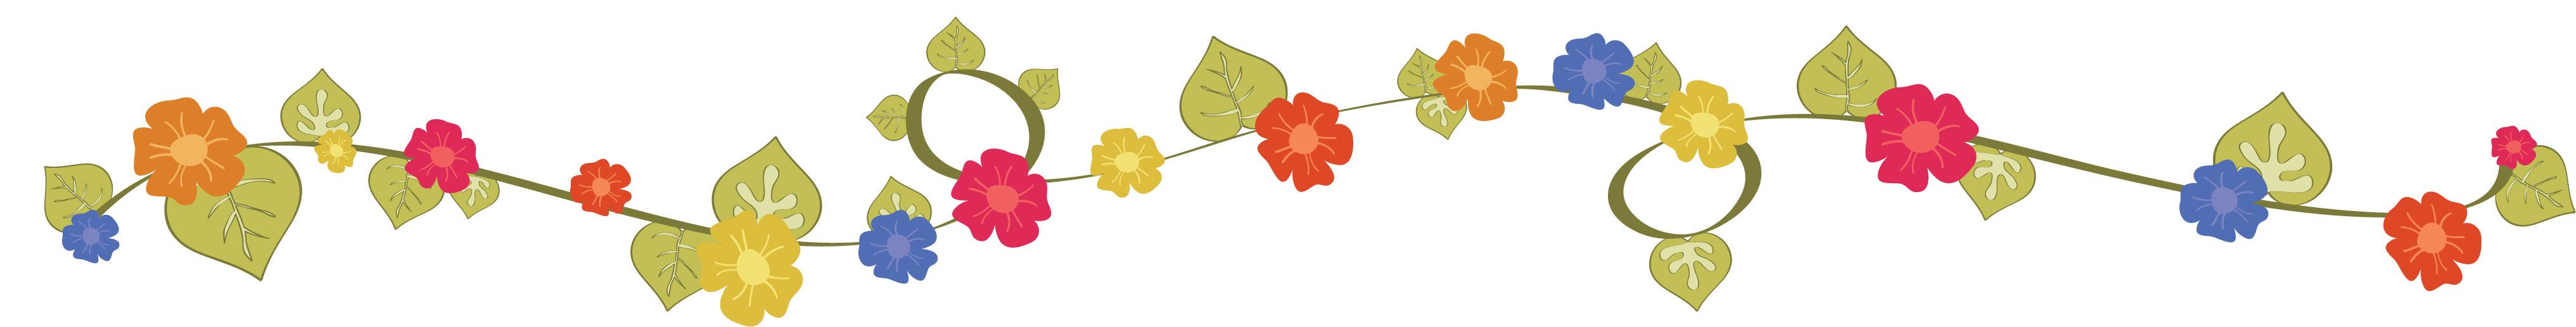 花のイラスト・フリー素材/フレーム枠no.031『赤青黄・葉・つる』